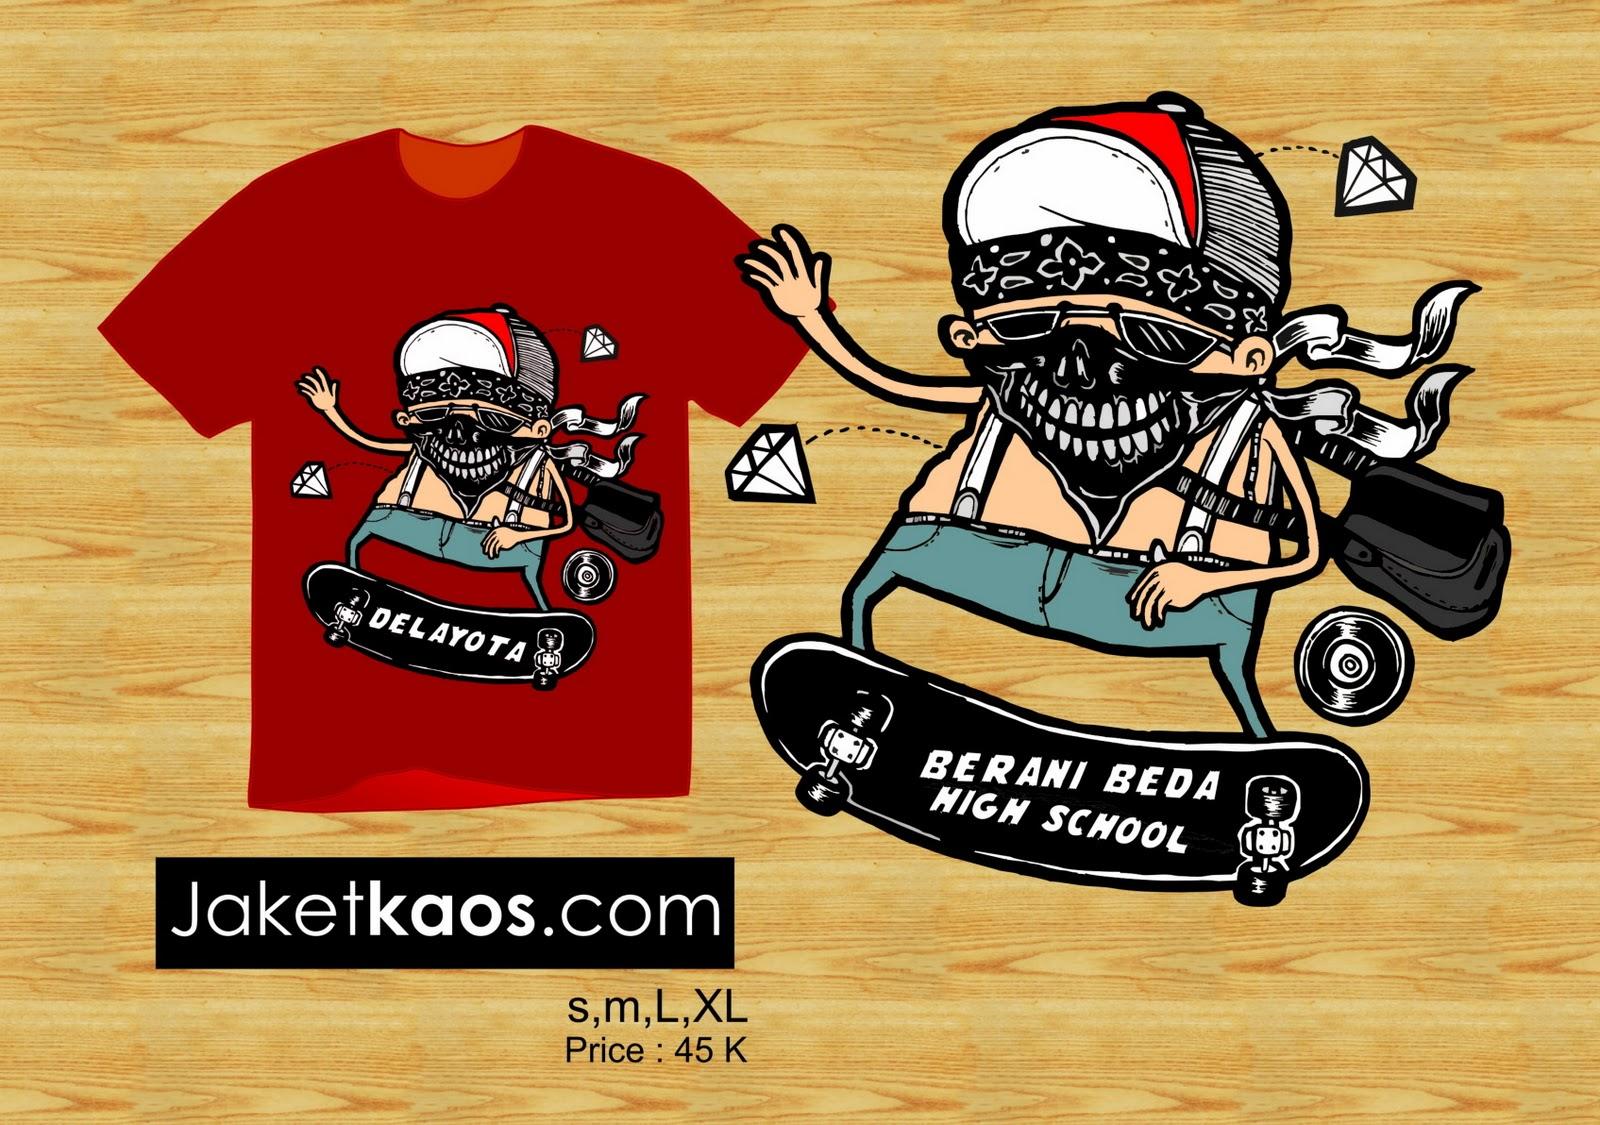 Contoh desain t shirt kelas - Contoh Desain T Shirt Kelas Design Kaos Dengan Bahan 30s Katun Kombet Adem Dan Keren